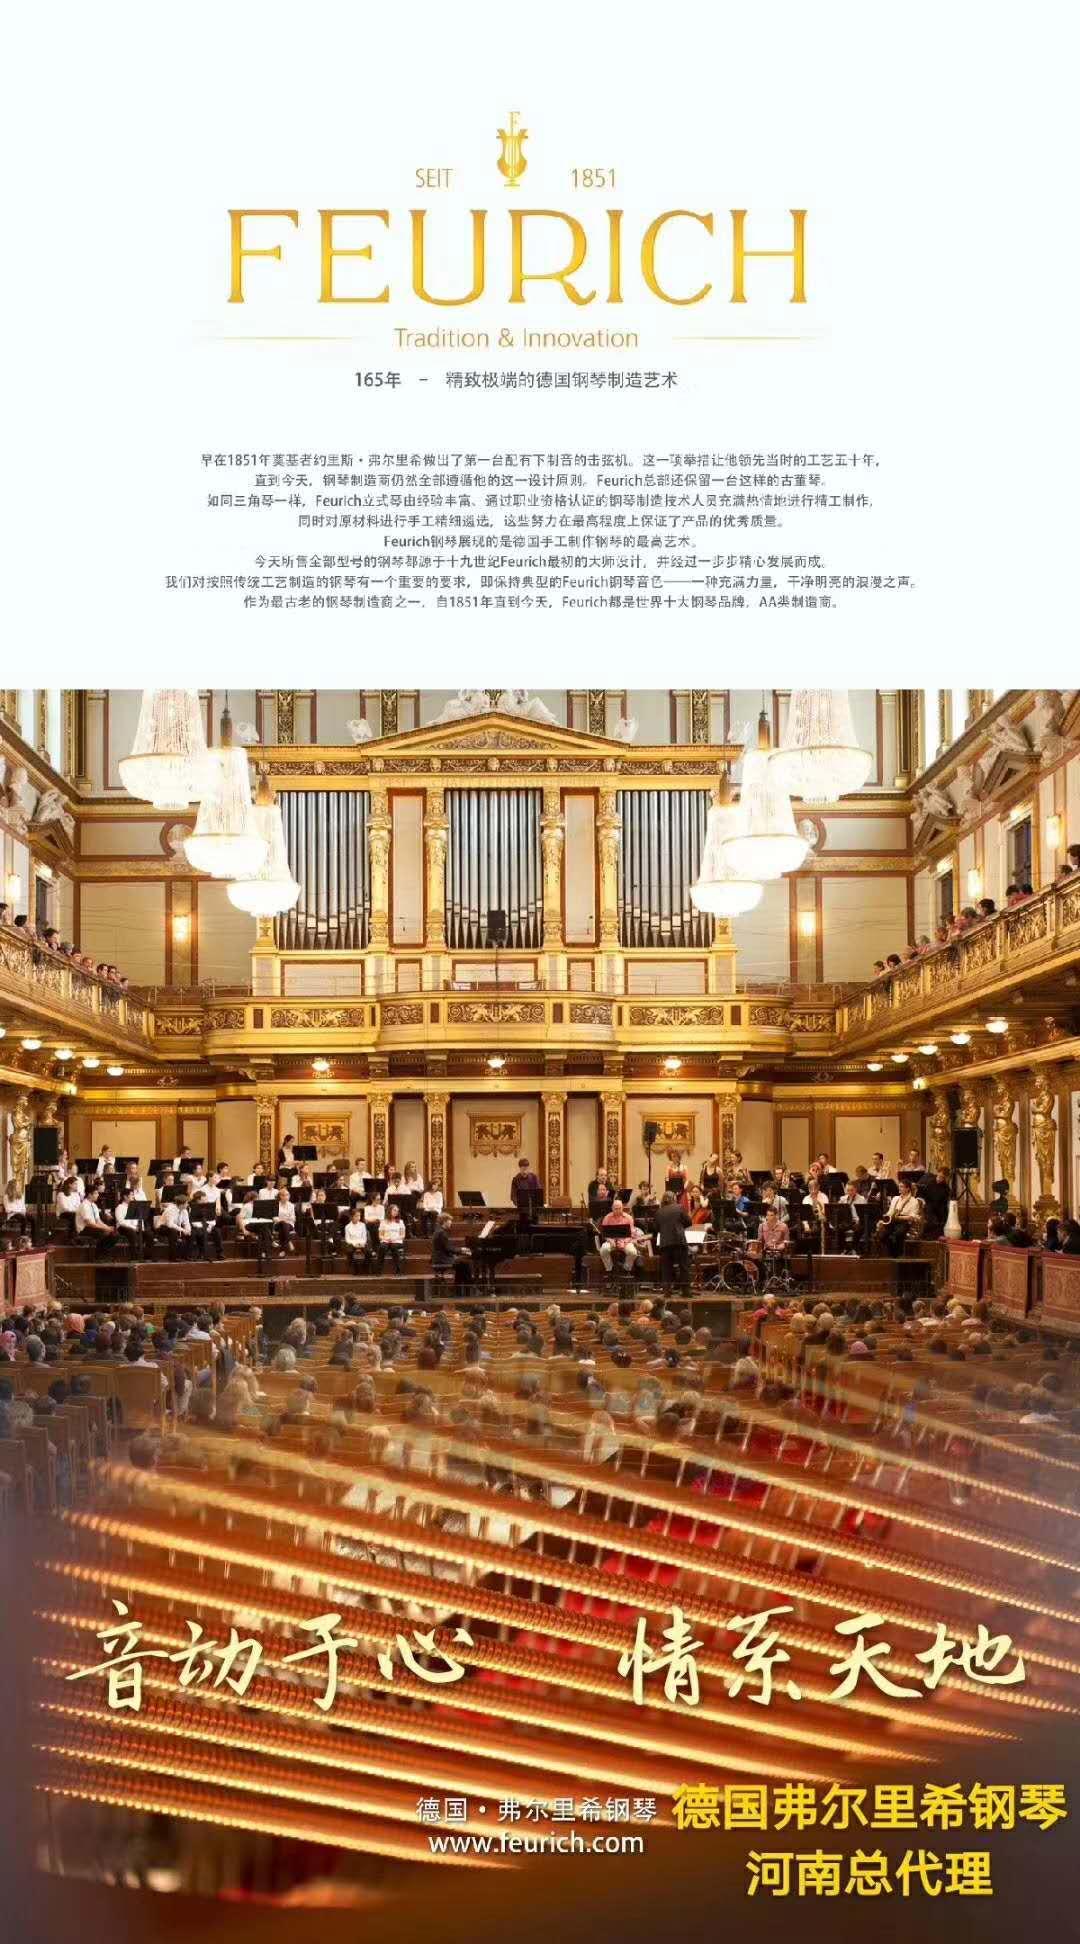 安陽買性價比高的弗爾里希鋼琴_ 弗爾里希鋼琴價格相關-河南歐樂樂器有限公司